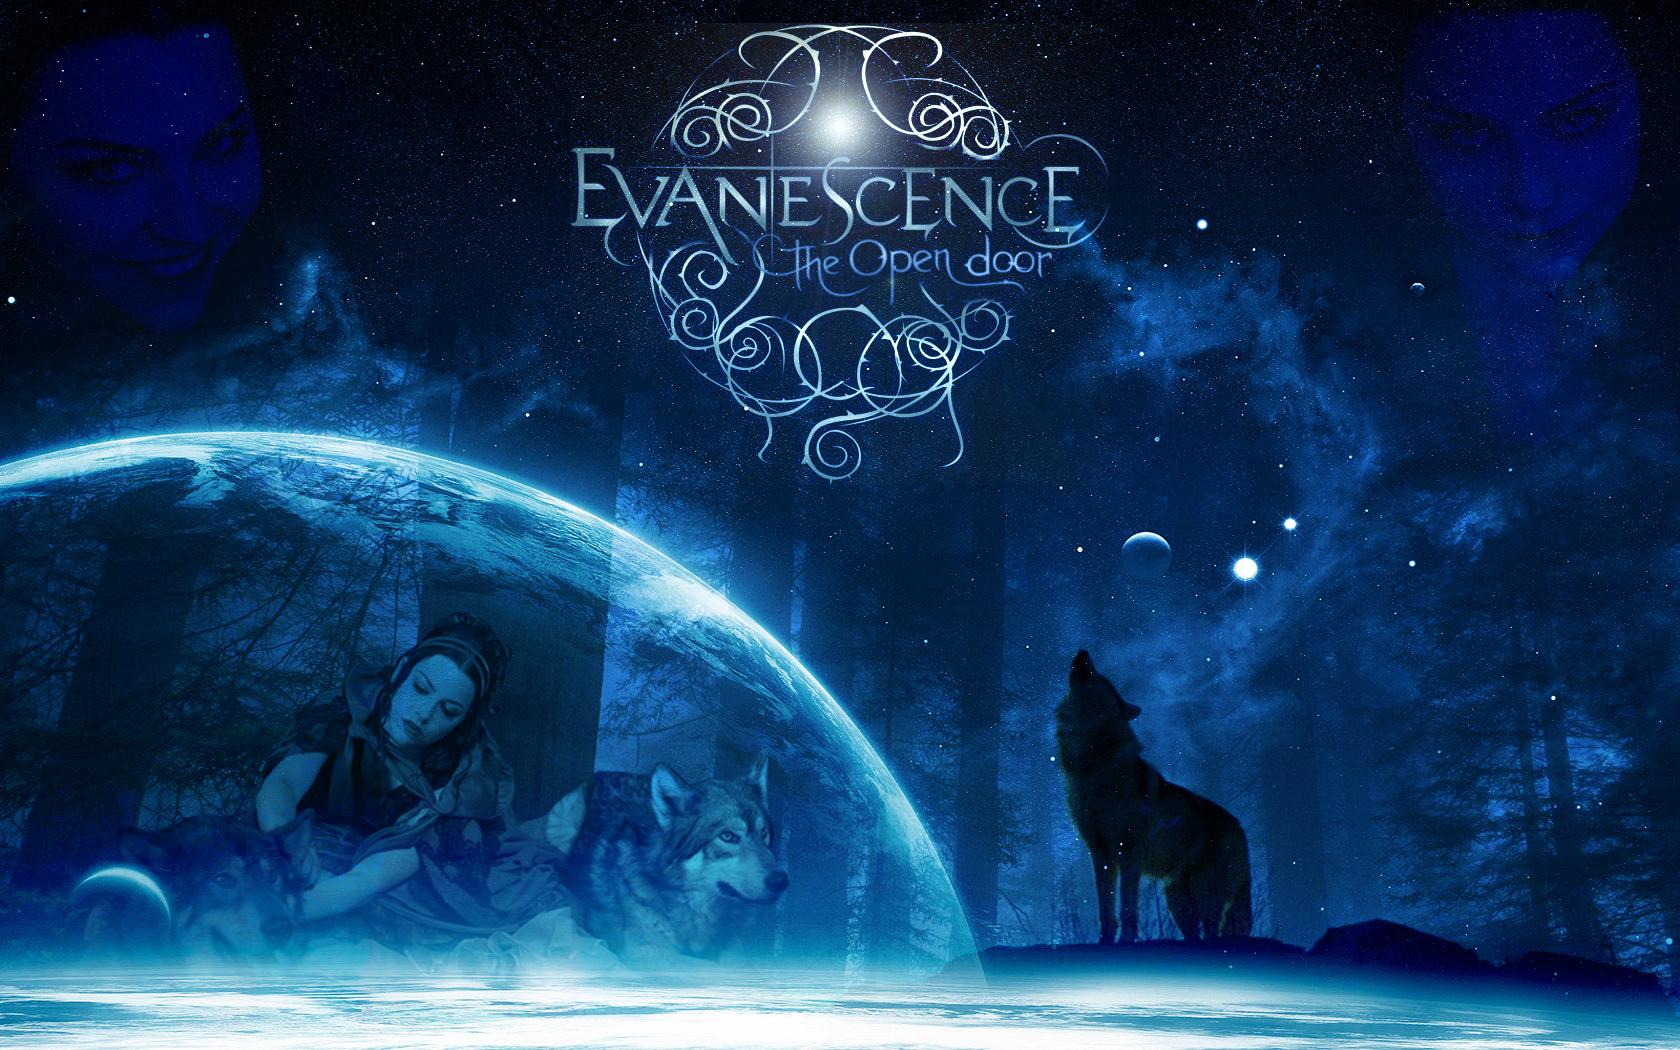 The Open Door   Evanescence Wallpaper 35367712 1680x1050